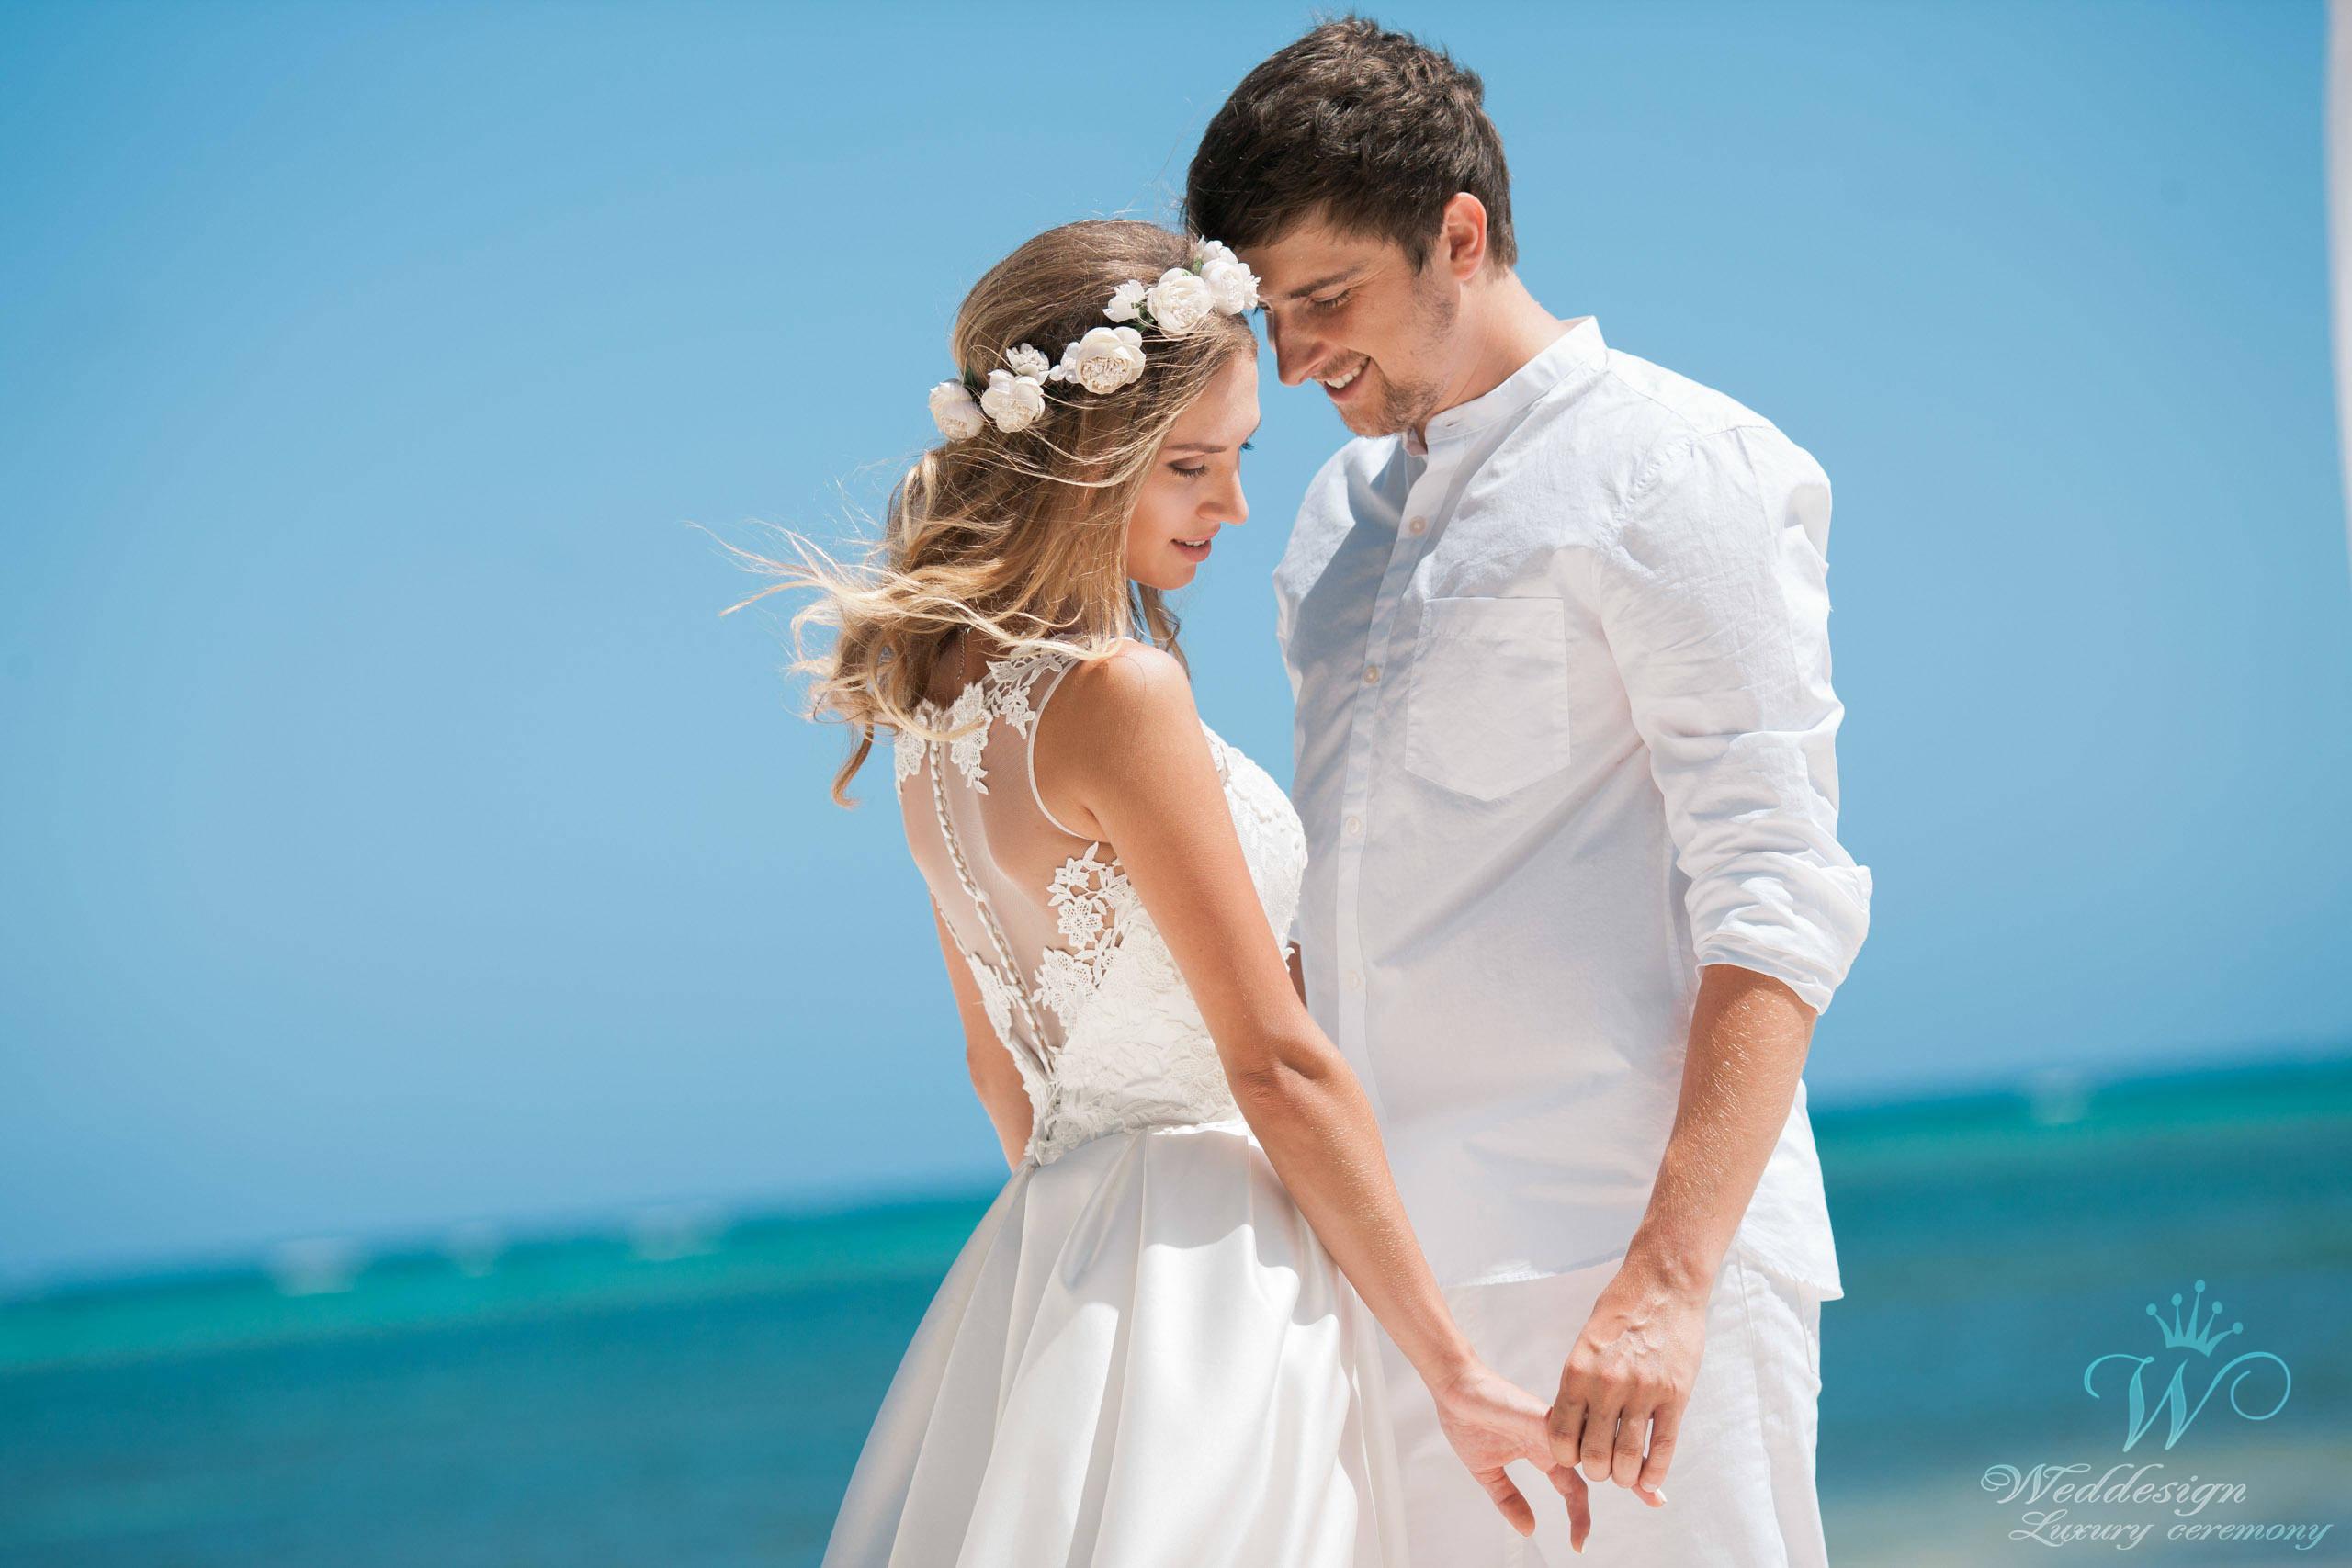 они картинки для карты желаний свадьба на берегу своей формой